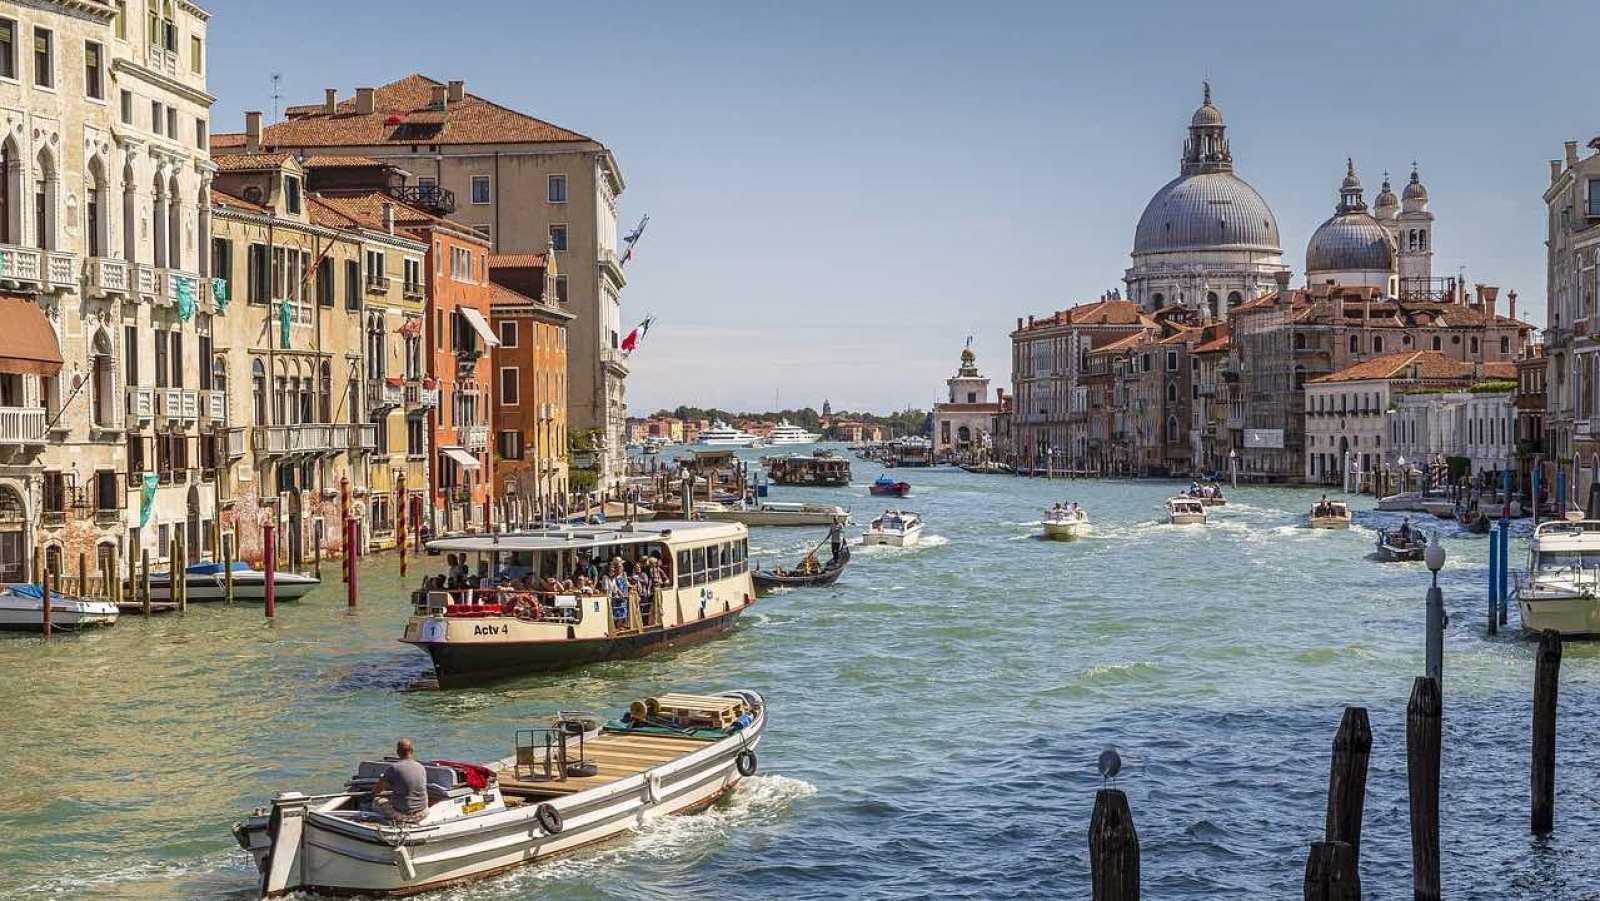 Gran repertorio - MONTEVERDI: La coronación de Popea - 18/03/20 - escuchar ahora¿